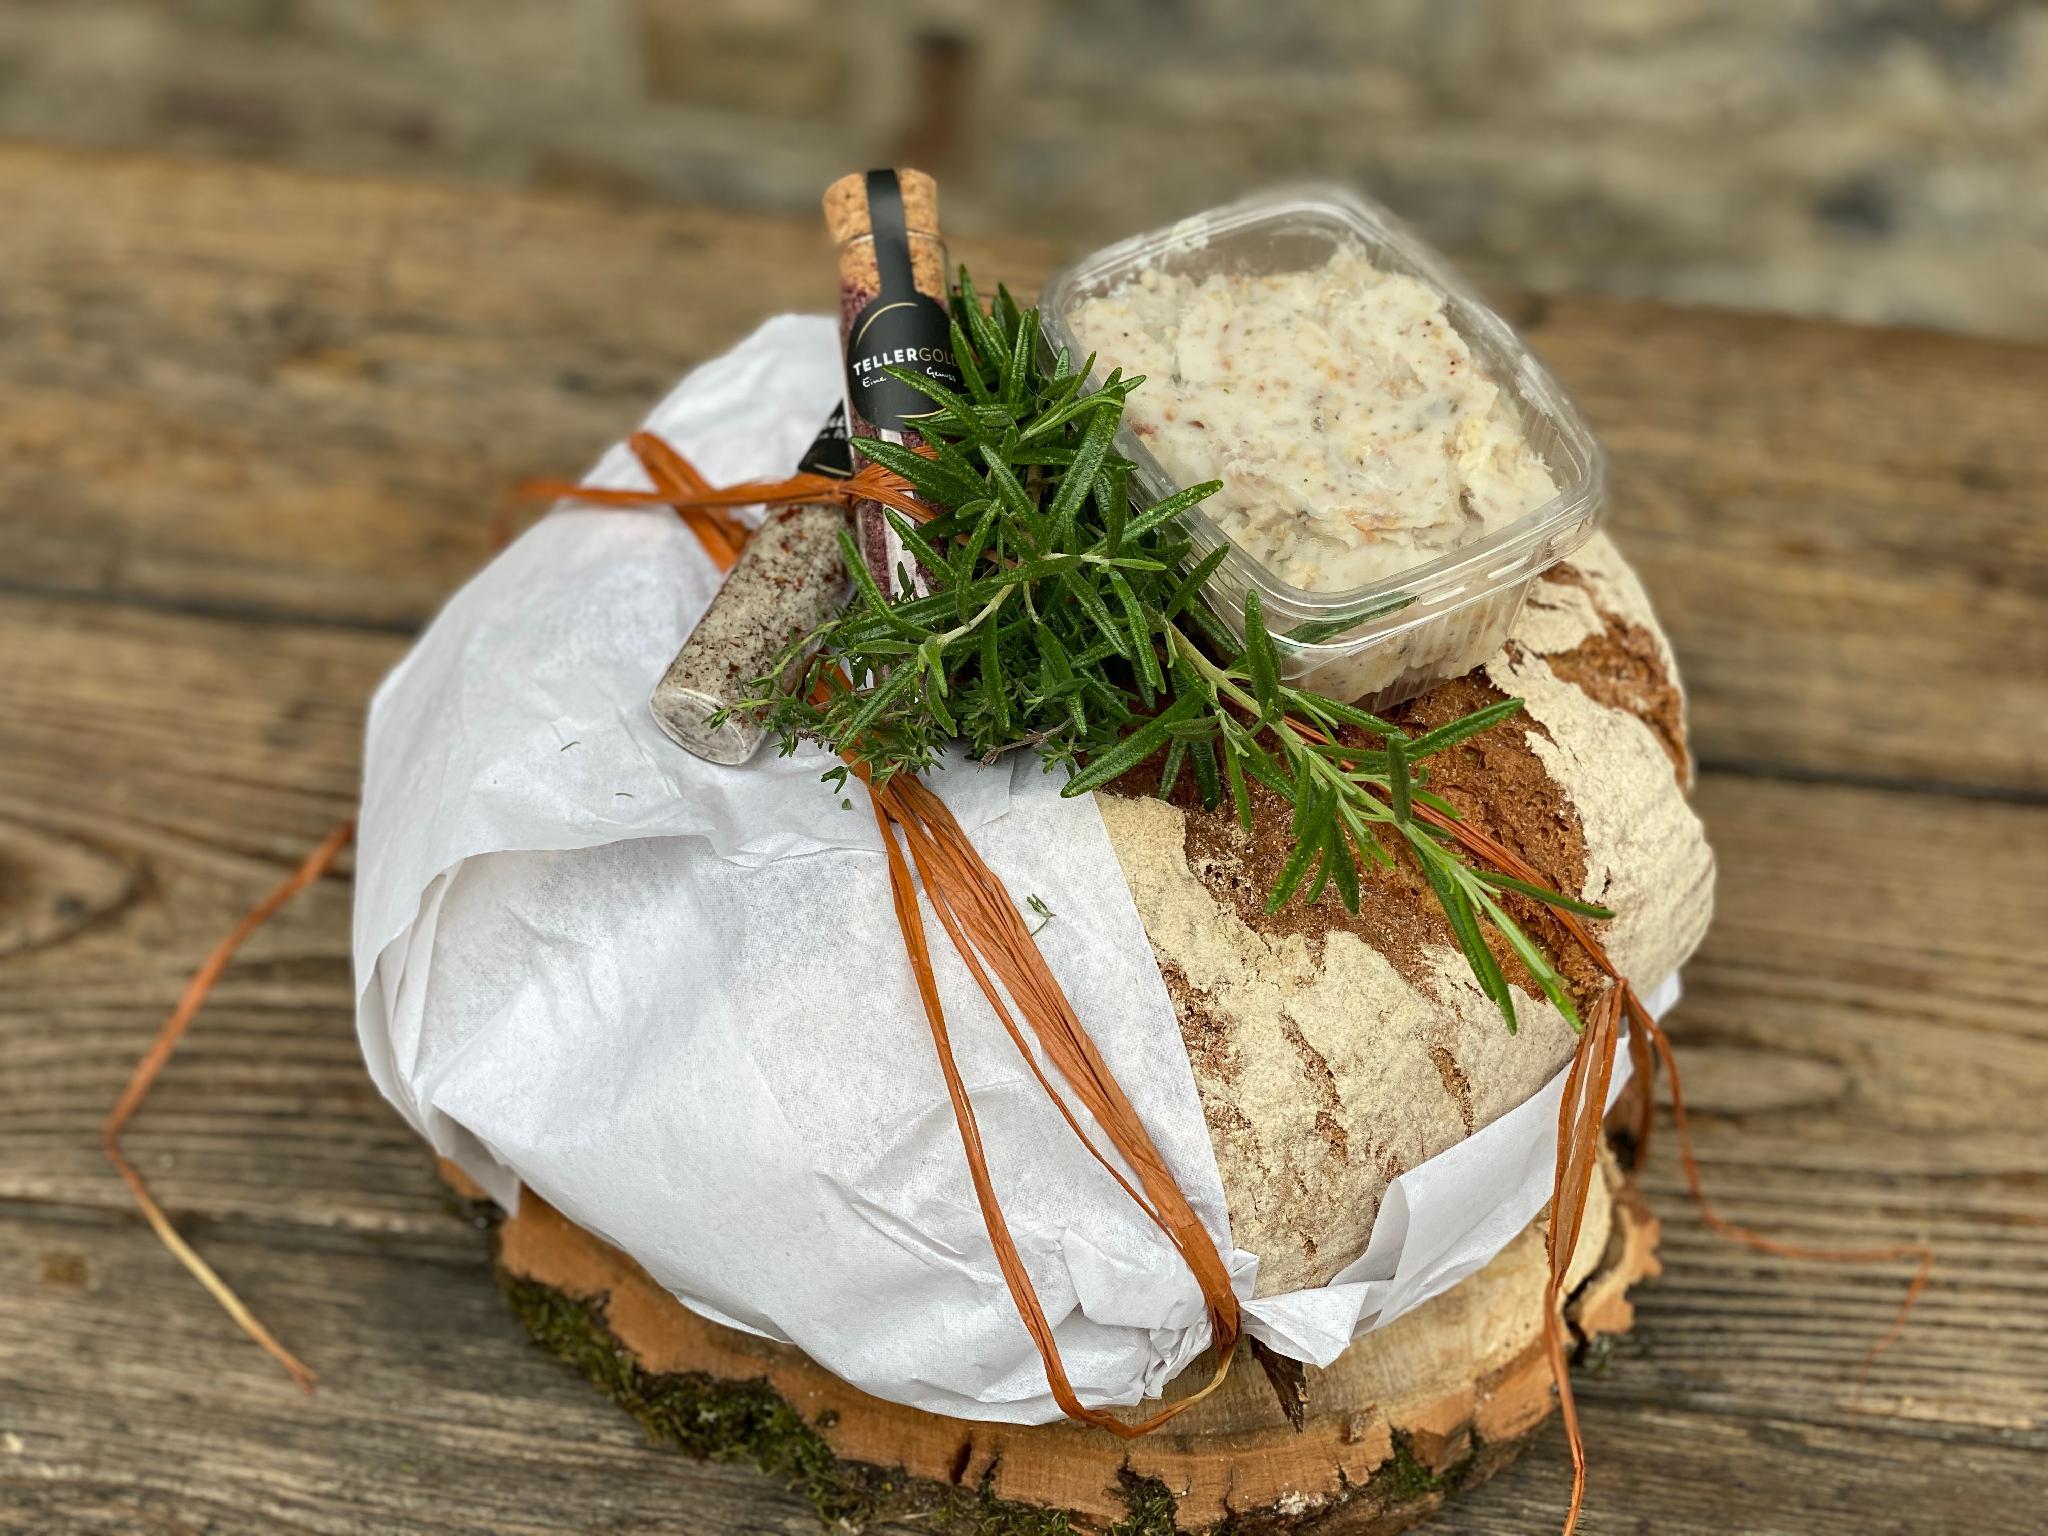 Holzofenbrot mit Schmalz und Salz